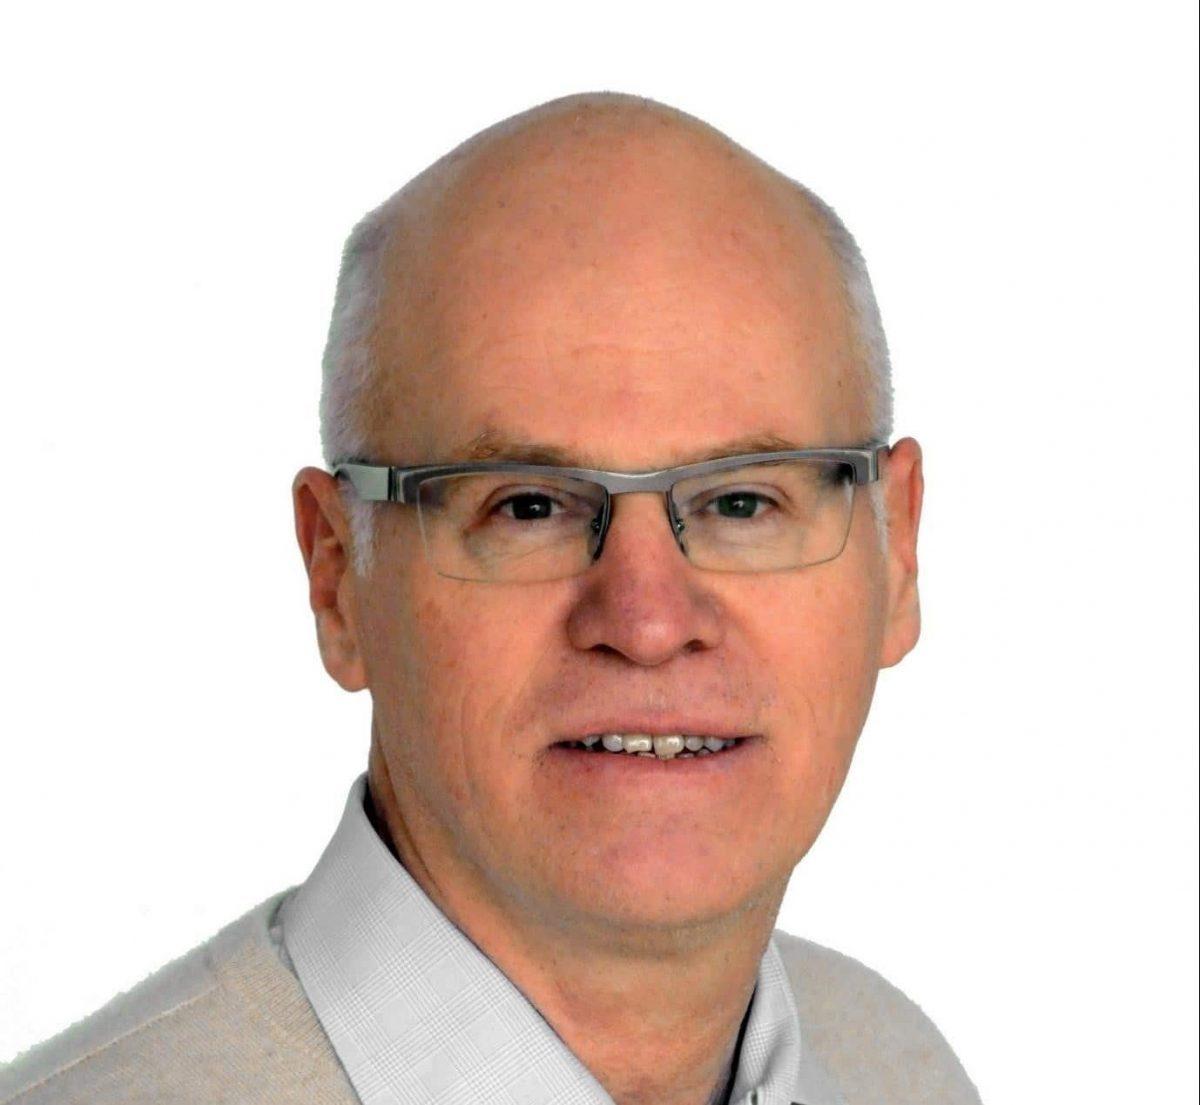 Gregory Casagrande